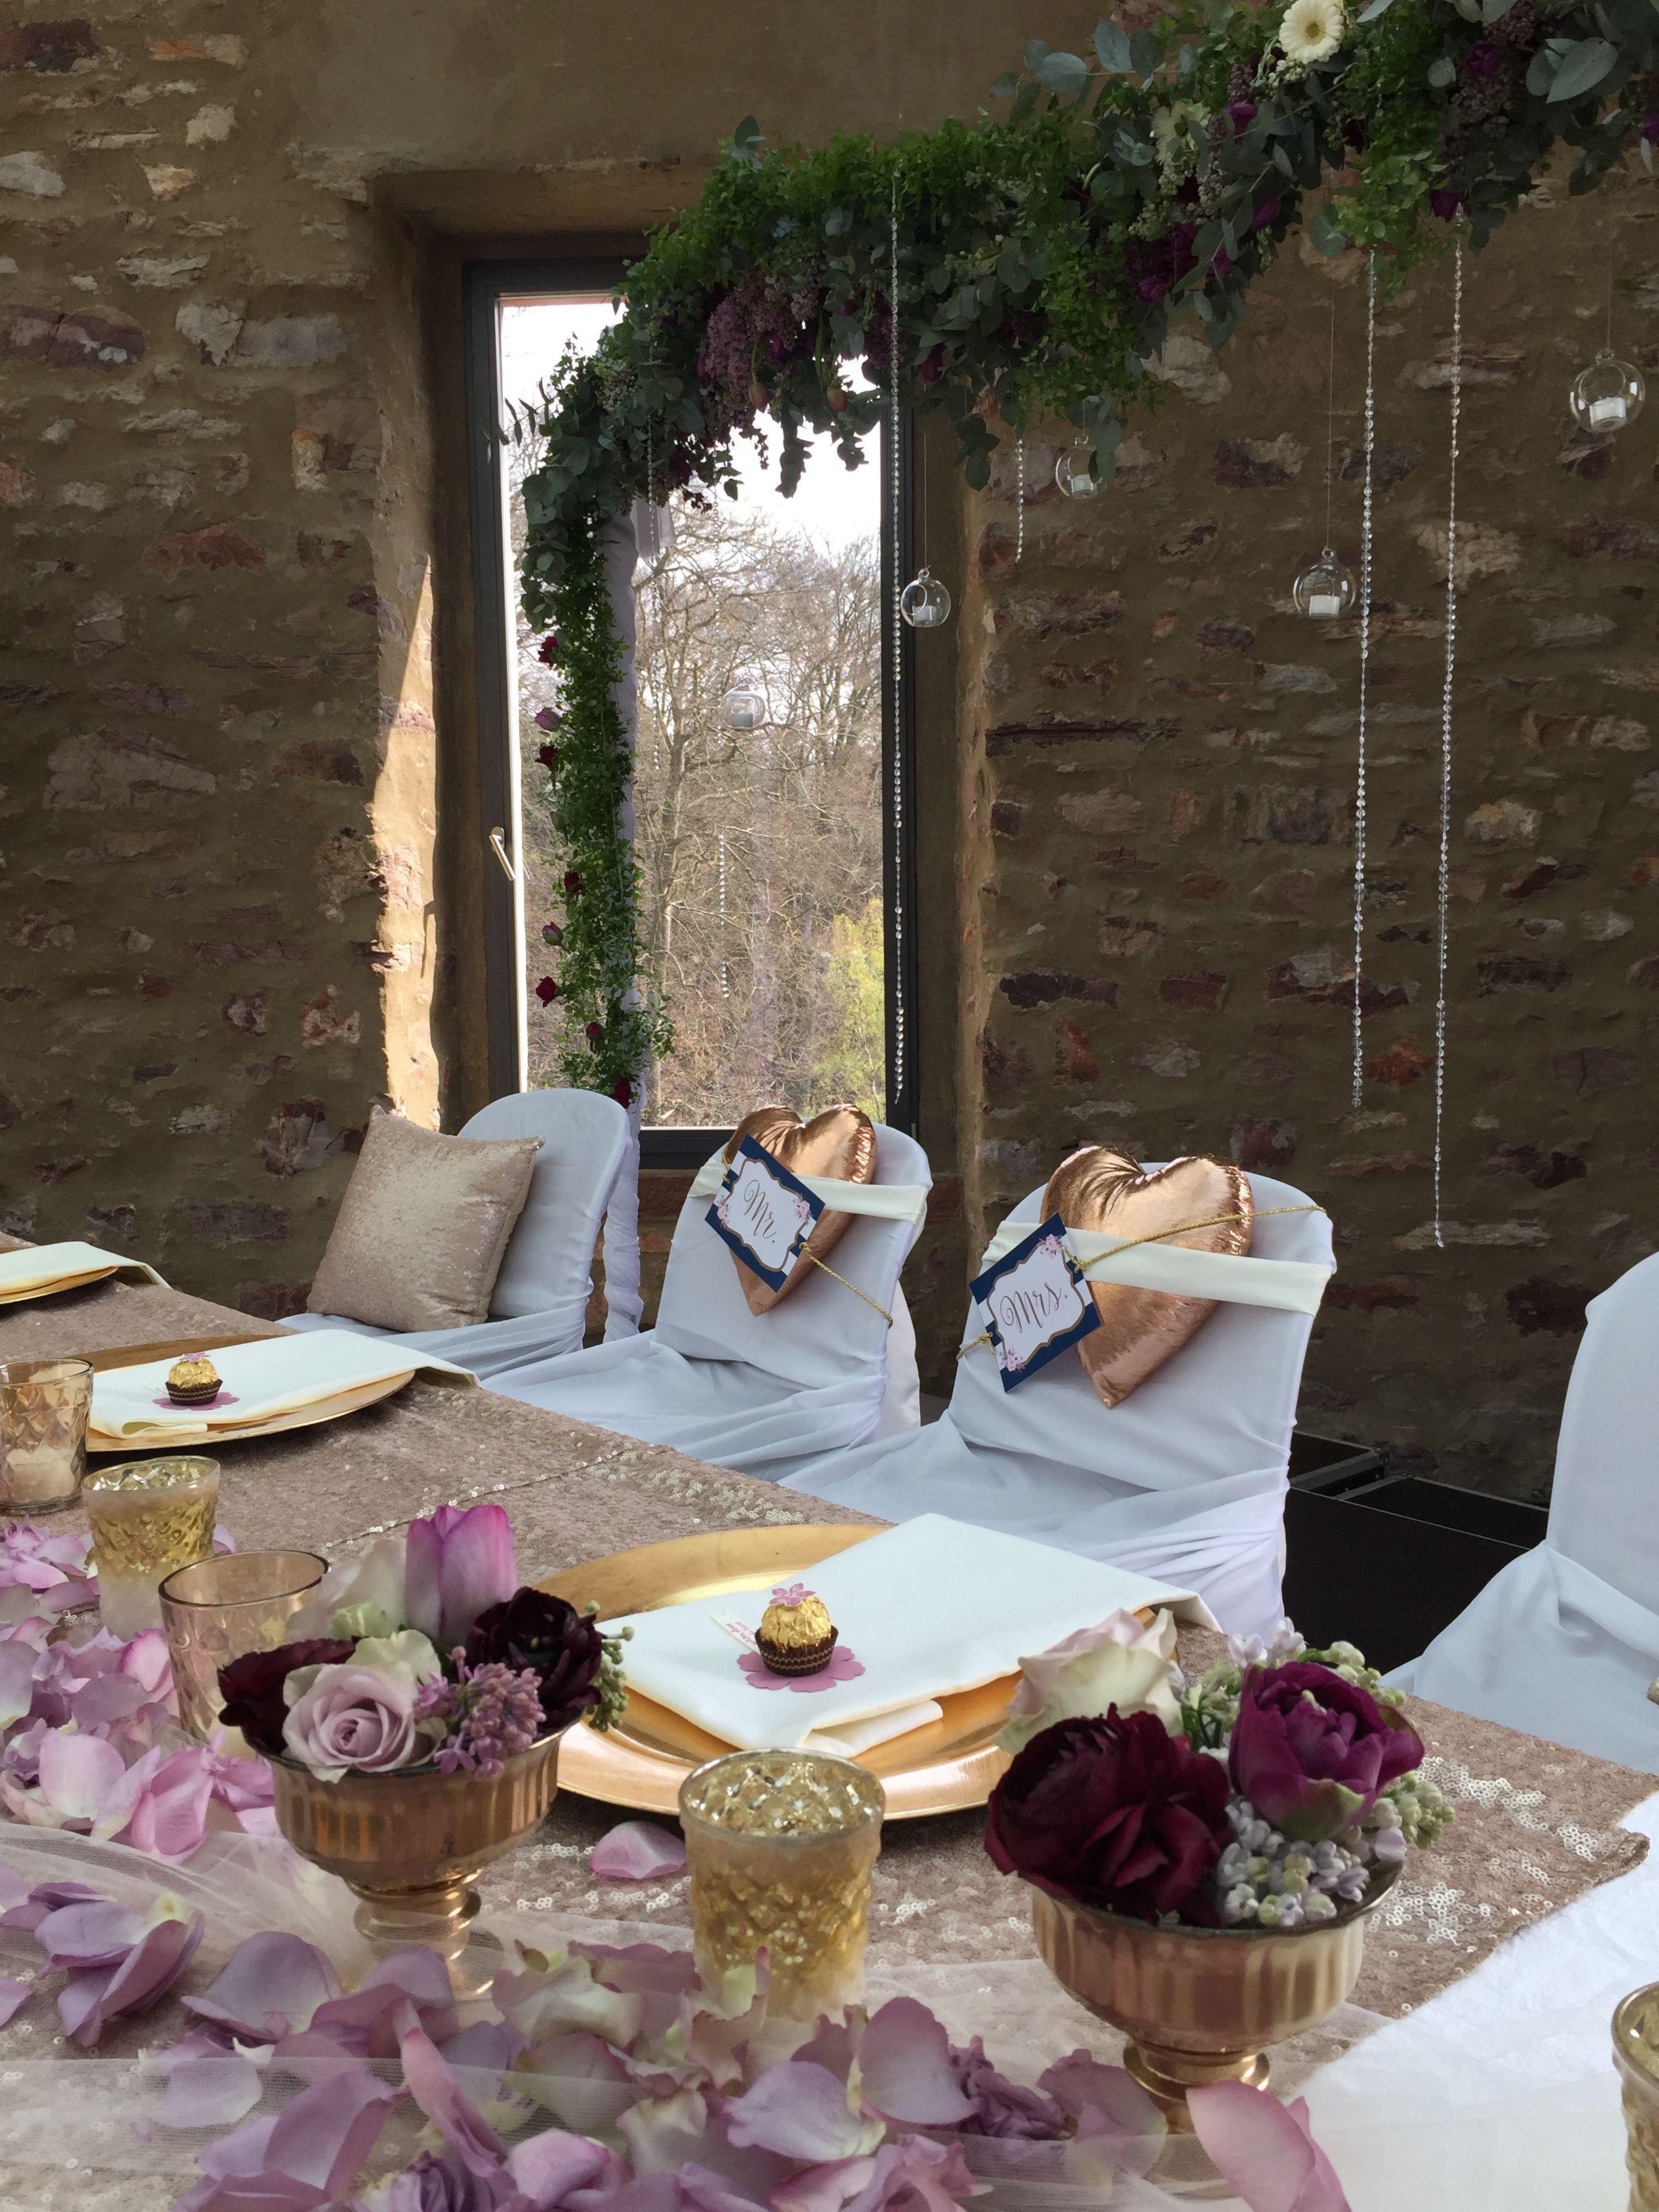 Hochzeit im Jagdschloss Platte mit Brauttischdekoration und Blumenranke als Hintergrund.